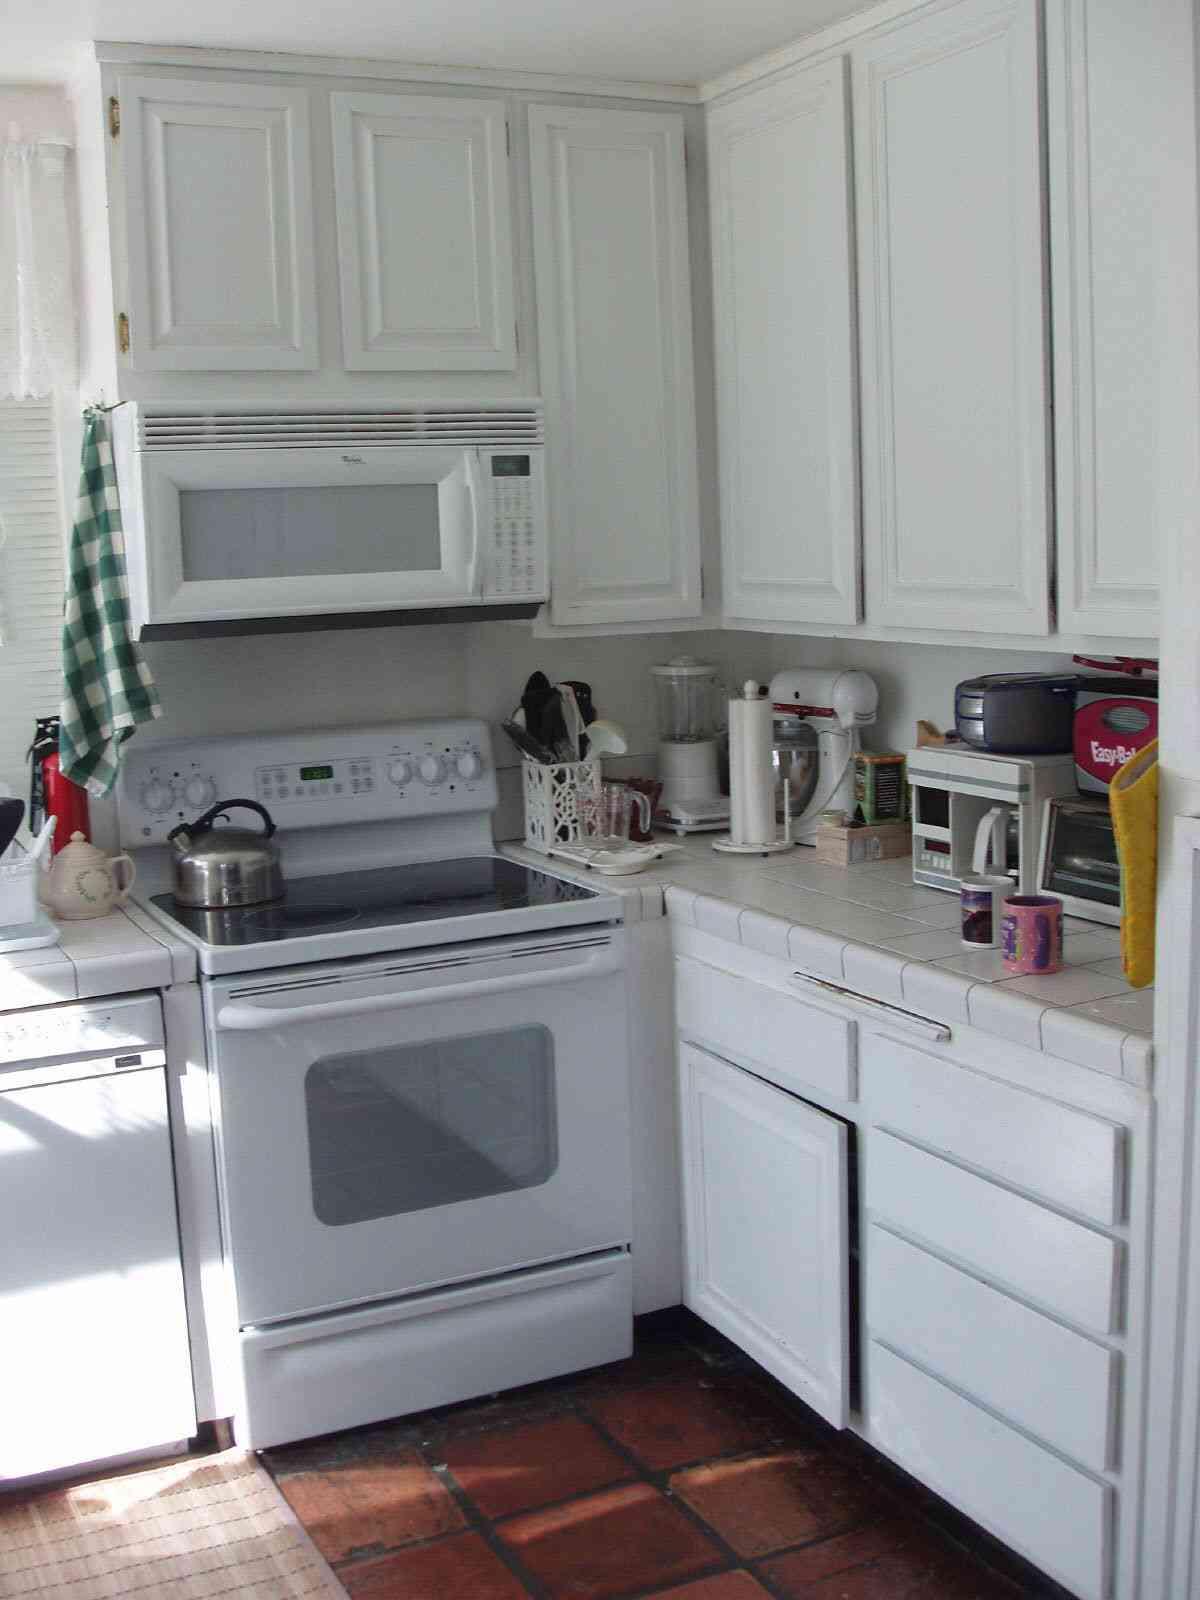 muebles hasta el techo en cocina pequeña